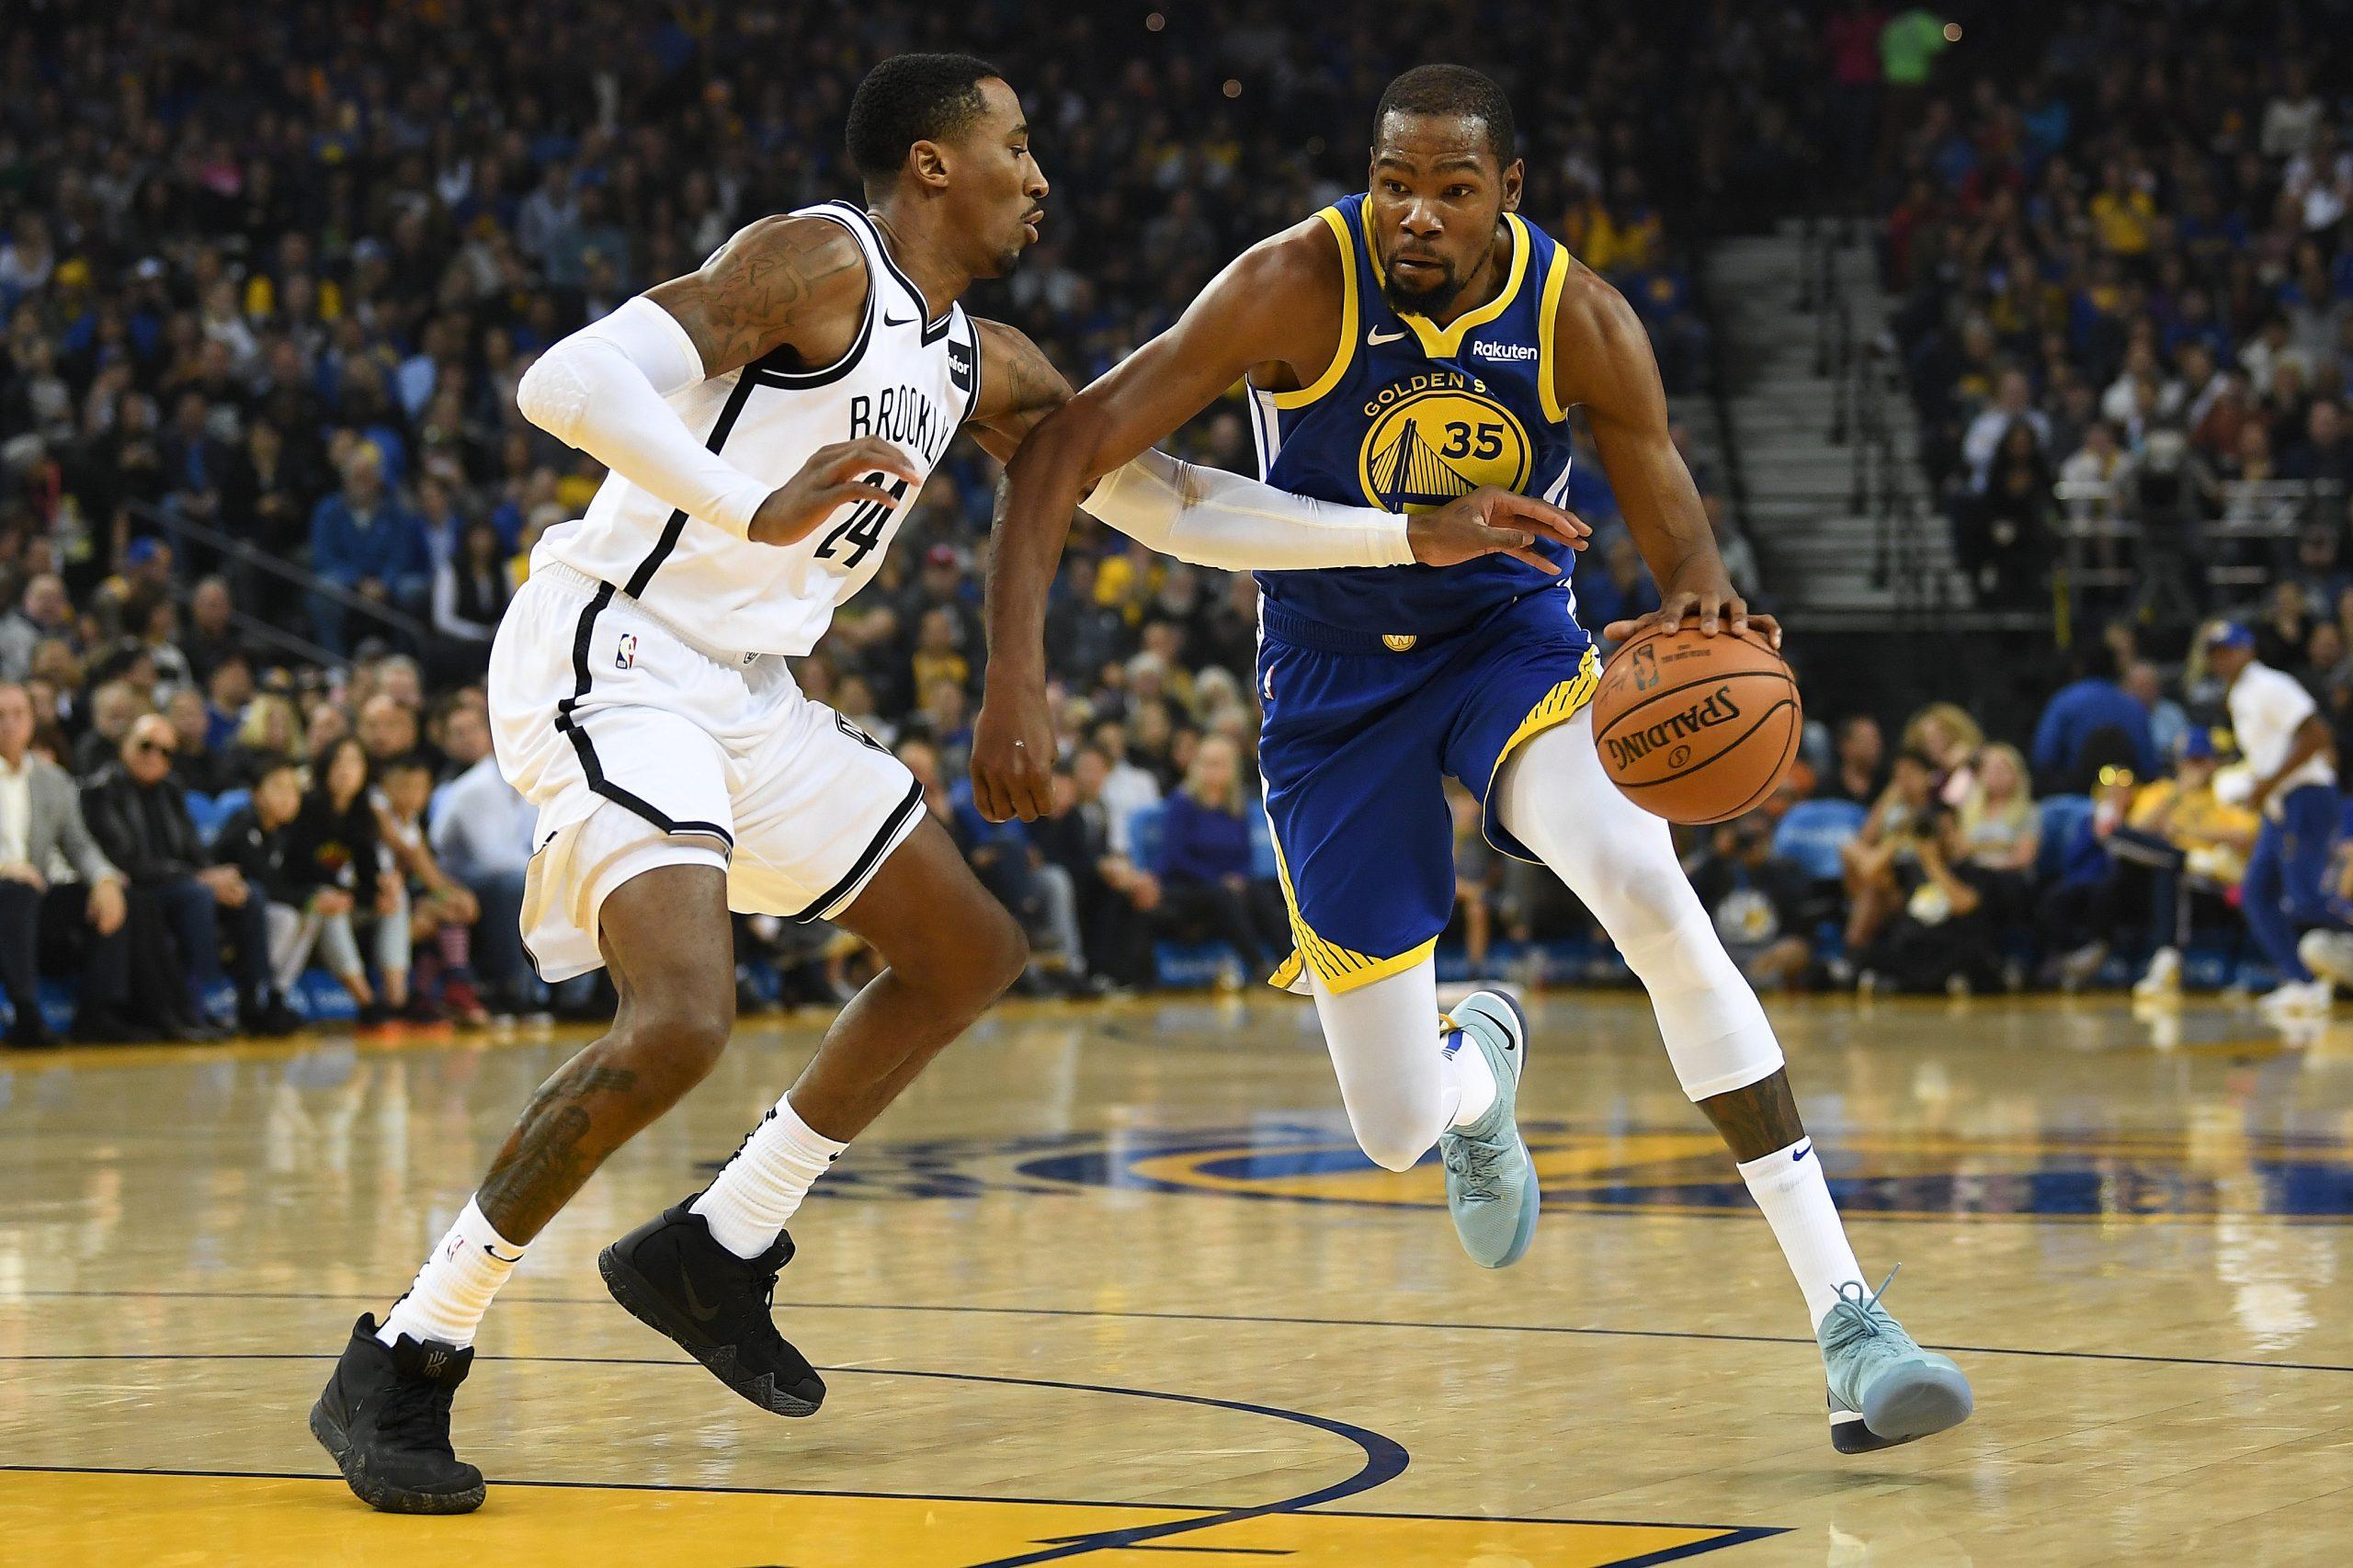 Hoy arranca la nueva temporada de NBA ¿Cómo, cuándo y dónde ver en vivo el inicio de la NBA?